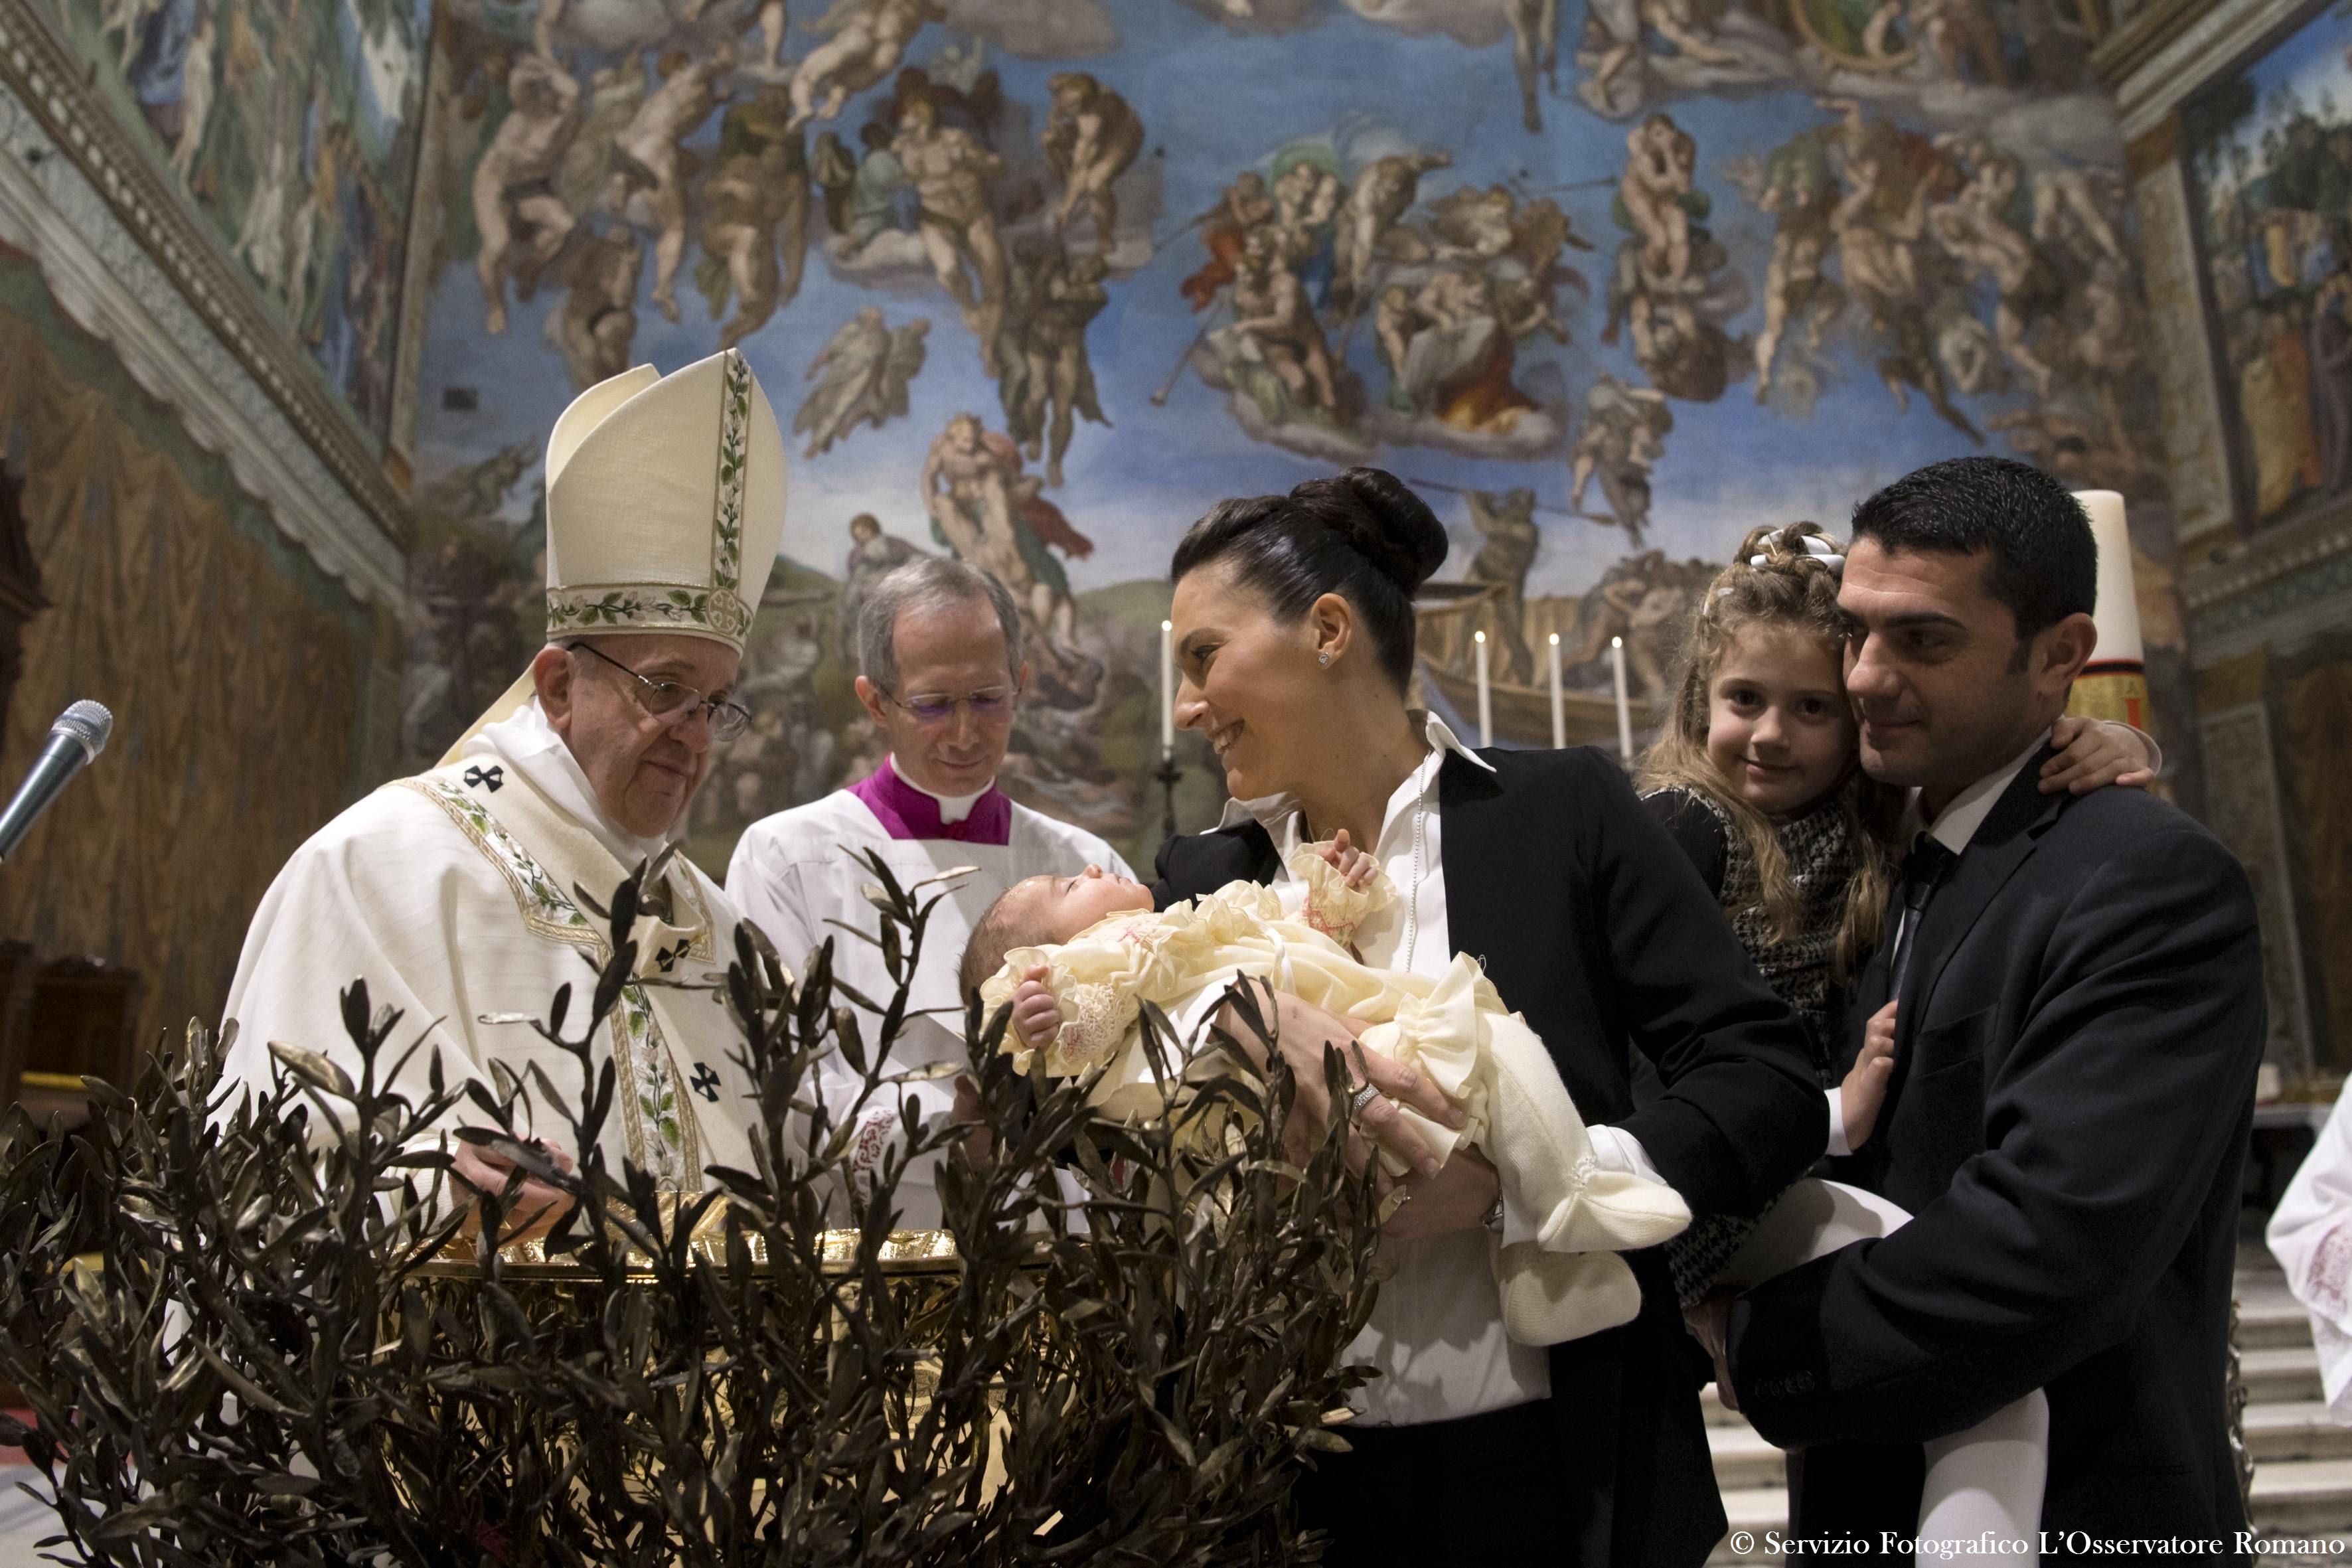 Ferenc pápa arra bátorította az anyákat a Sixtus-kápolnában, hogy nyugodtan szoptassák meg gyermeküket, ha éhes